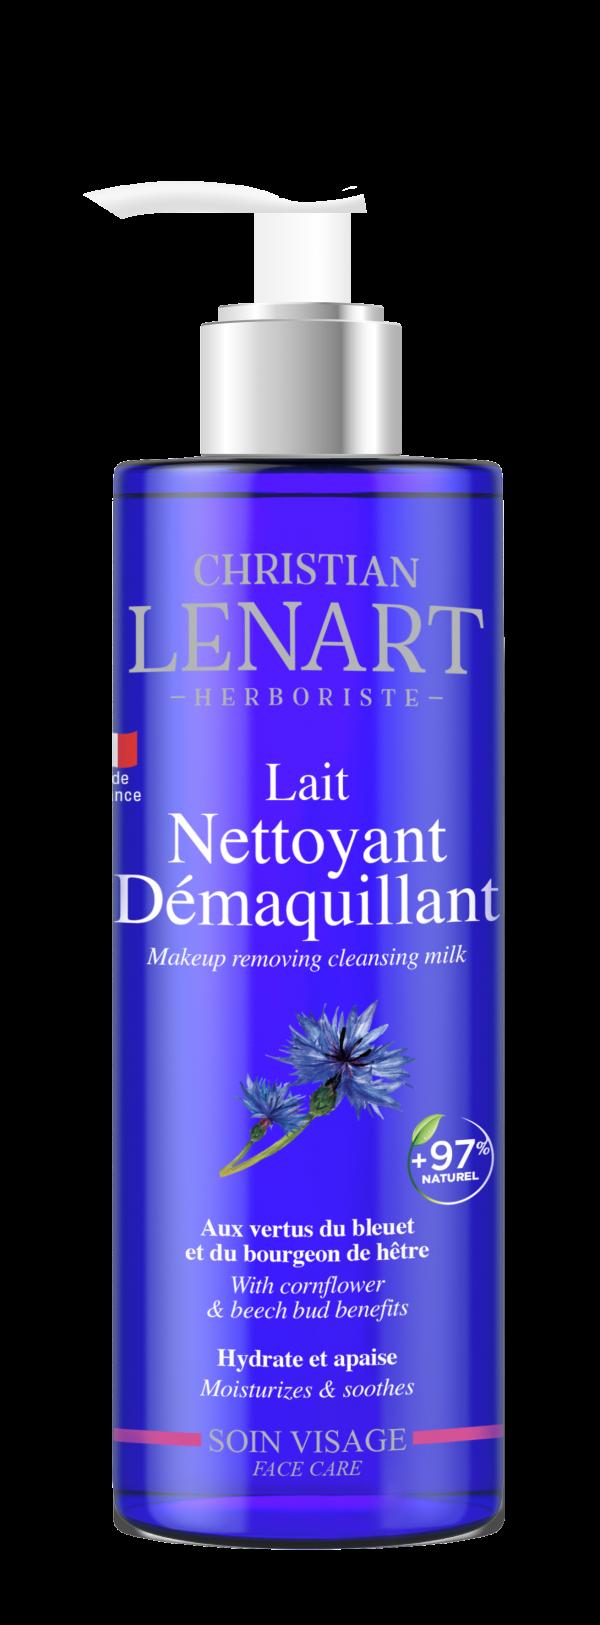 Bouteille Lait nettoyant et démaquillant Christian Lénart